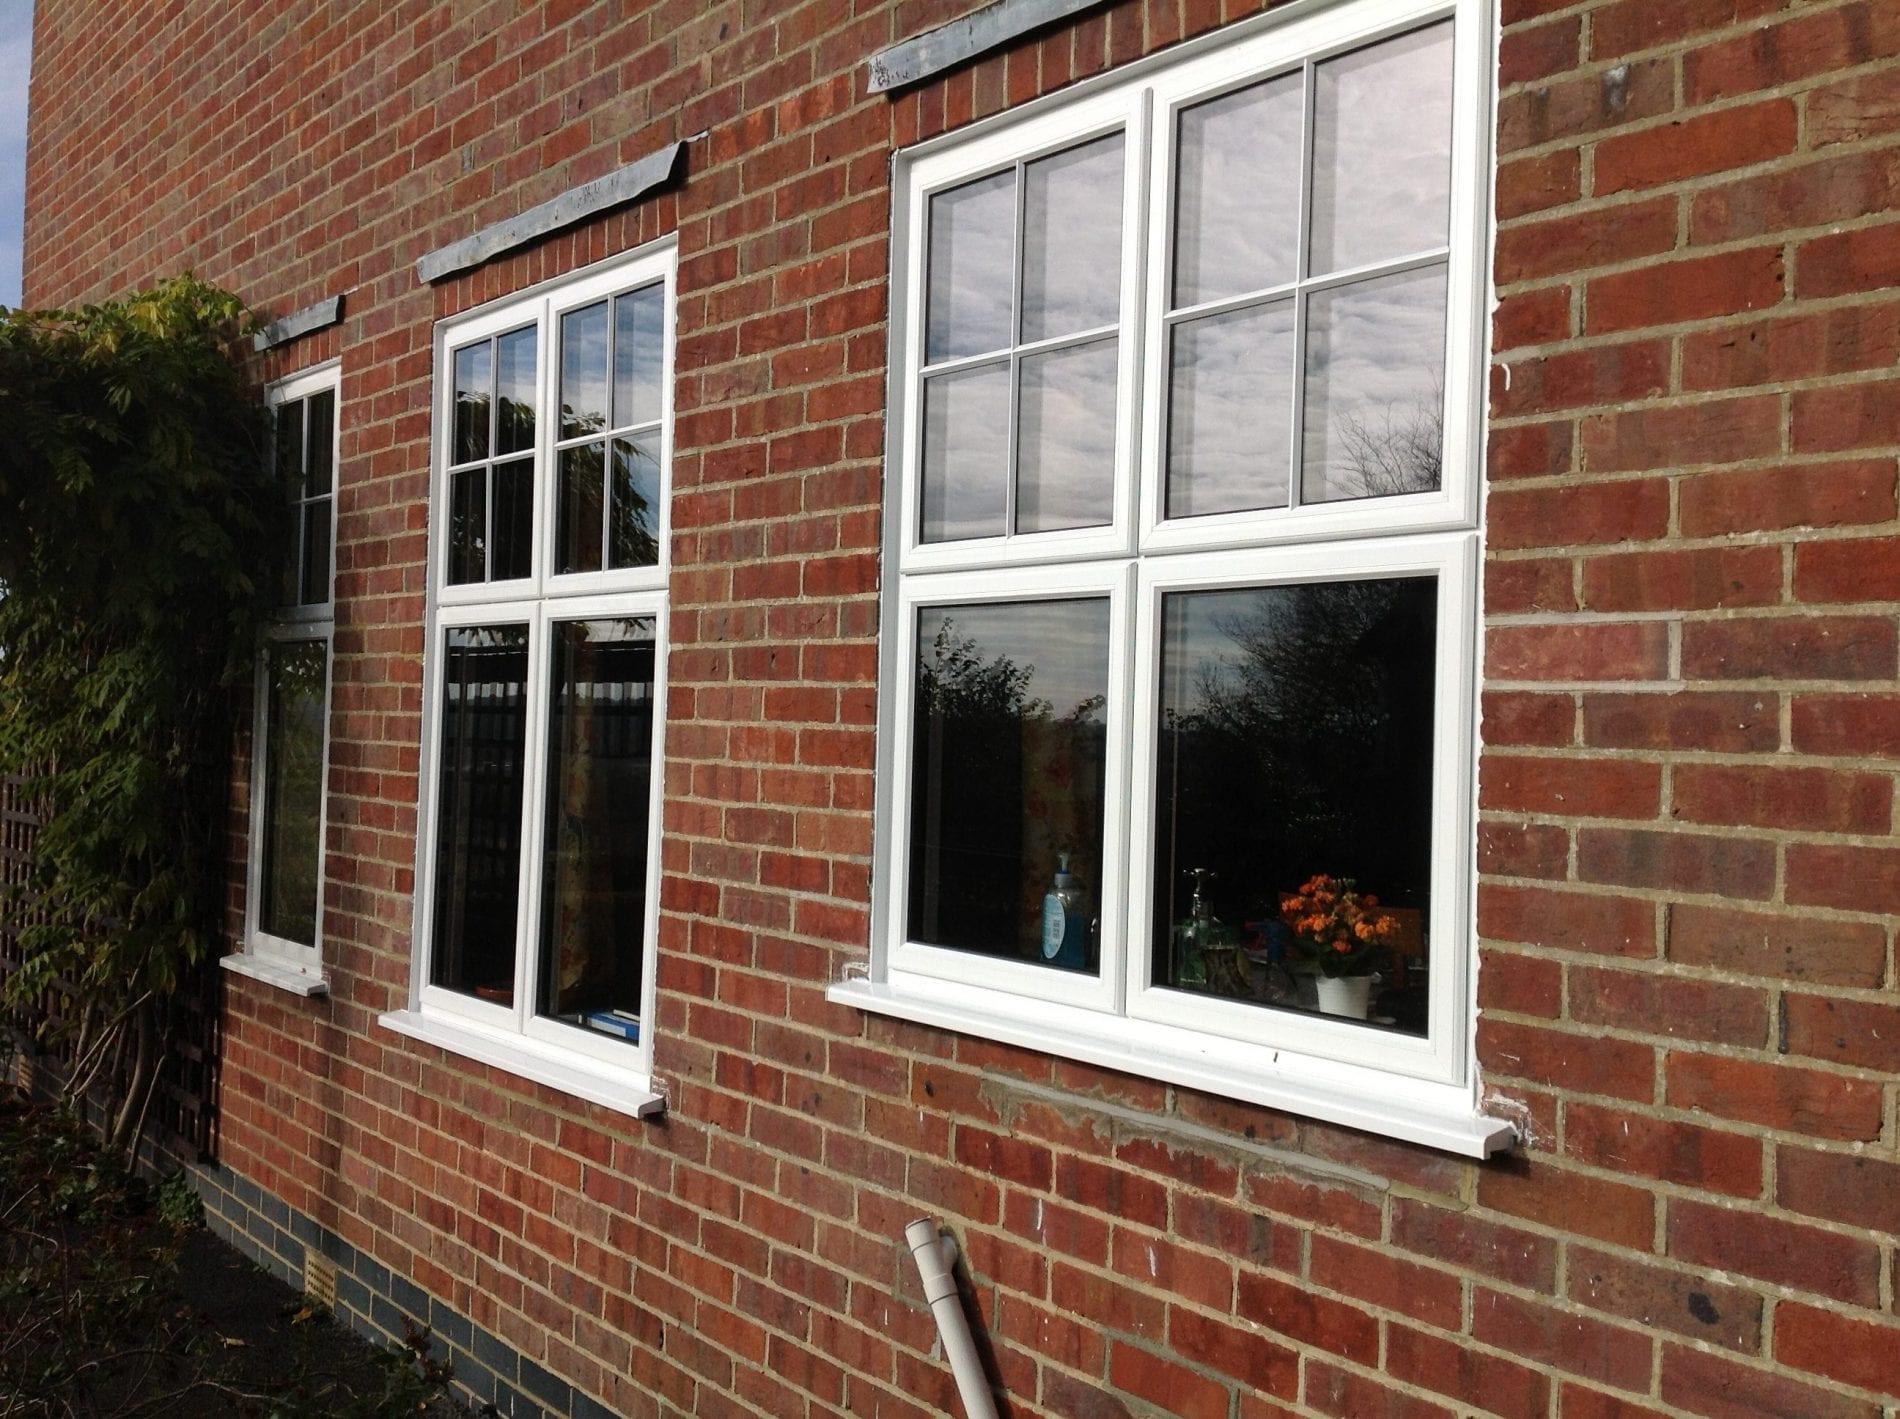 Casement windows brock doors amp windows brock doors amp windows - 3037 Aluminium Windows Gallery Dorset Windows Ltd Save Image Of Consumer Reports Patio Doors 2592 1936